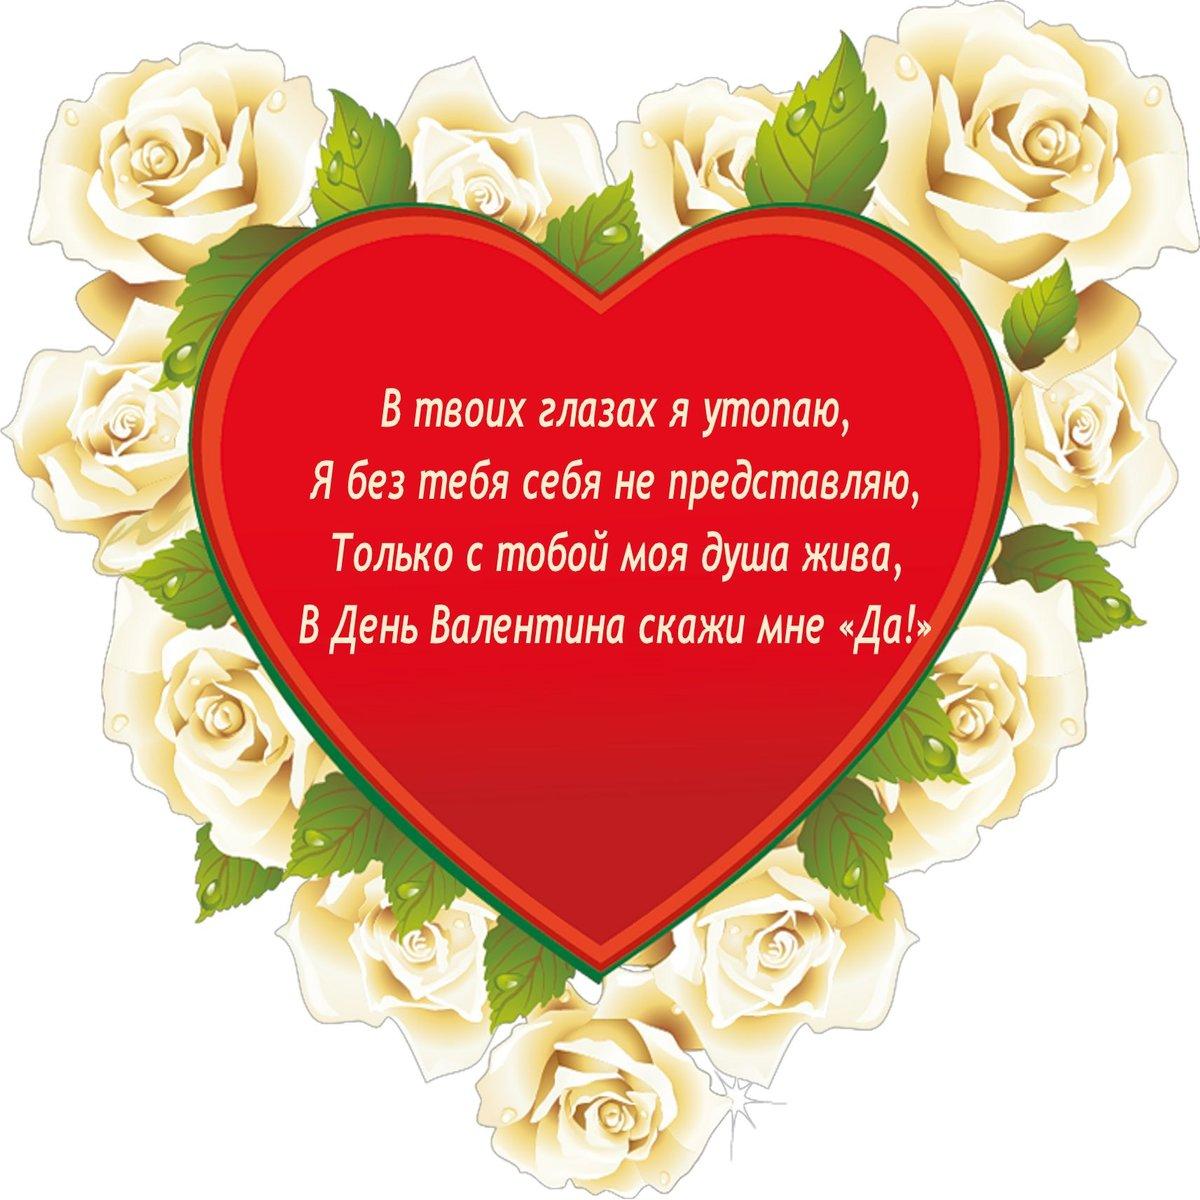 Поздравления в стихах с Днем святого Валентина: влюбленным 67